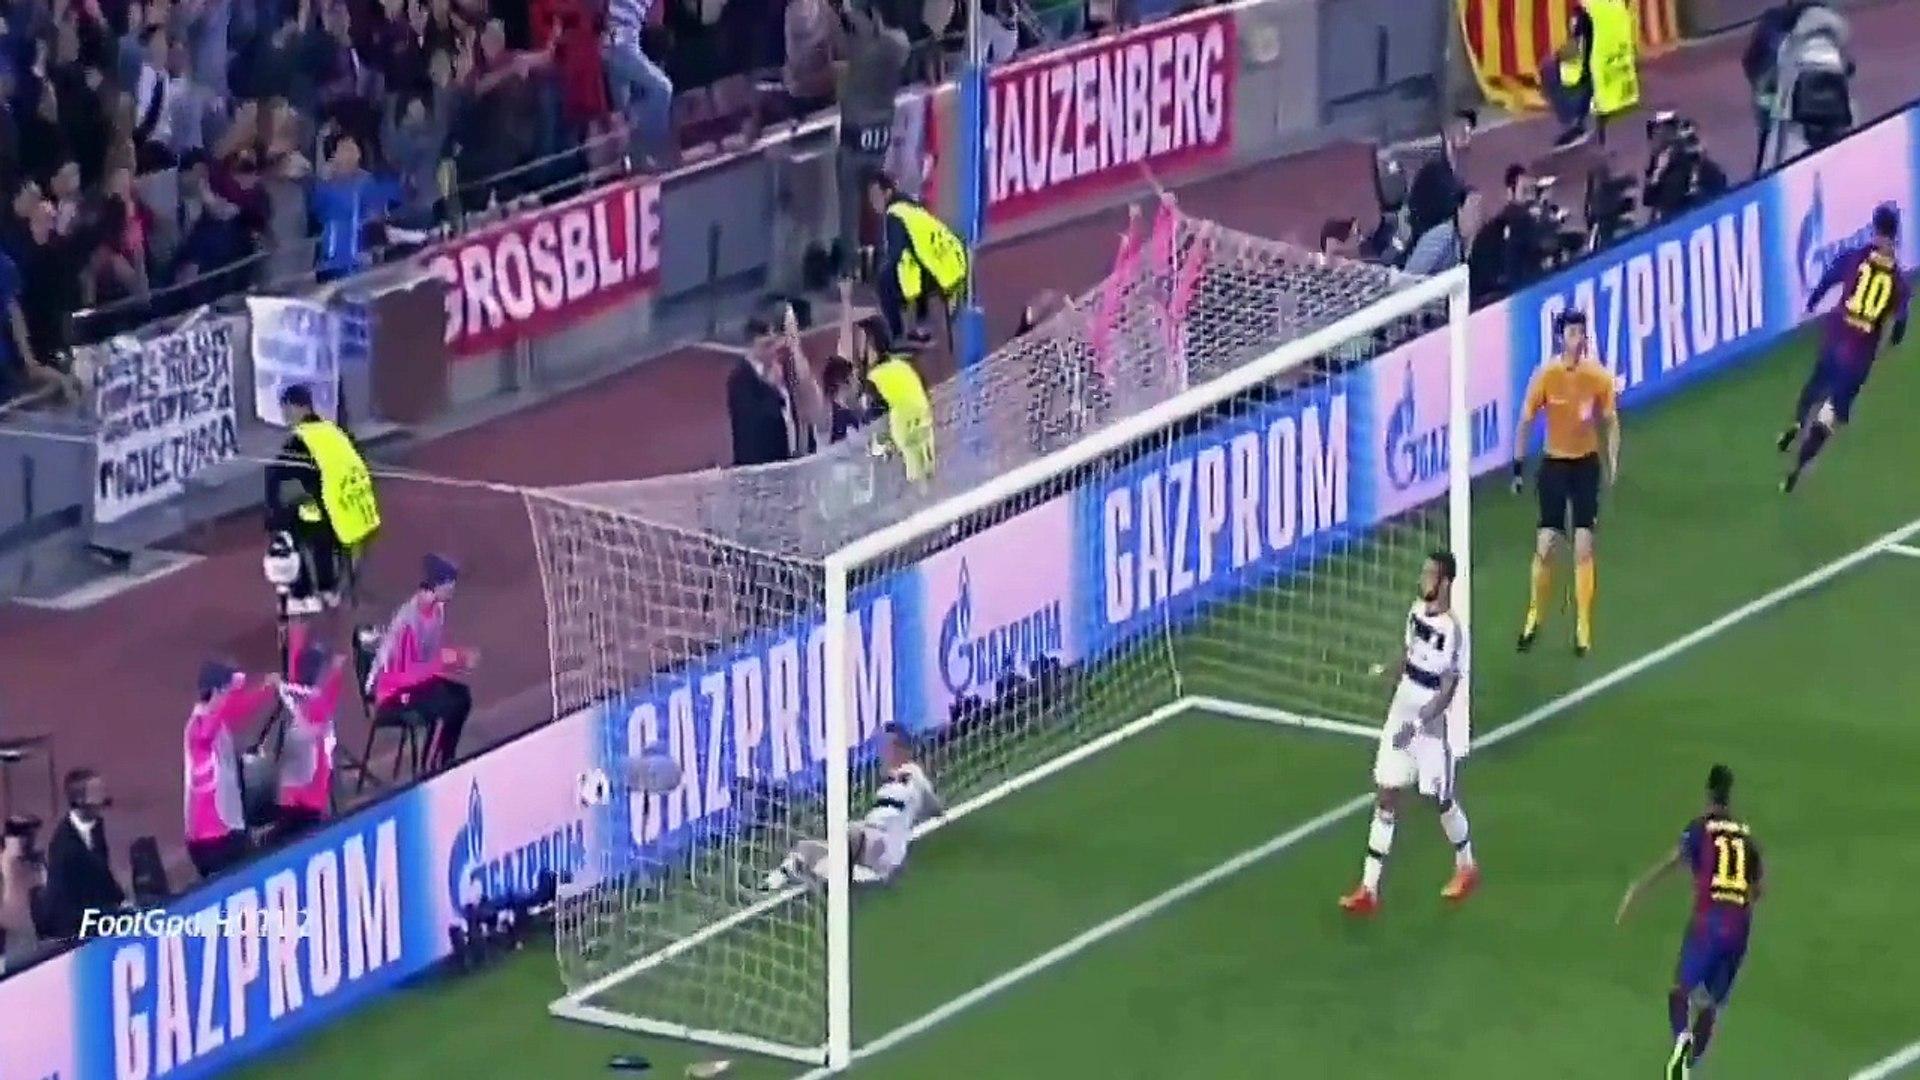 Barcelona vs Bayern Munich Maç Özeti ve Golleri izle -- 6 Mayıs 2015 Komedi ve Eğlence izle (video)